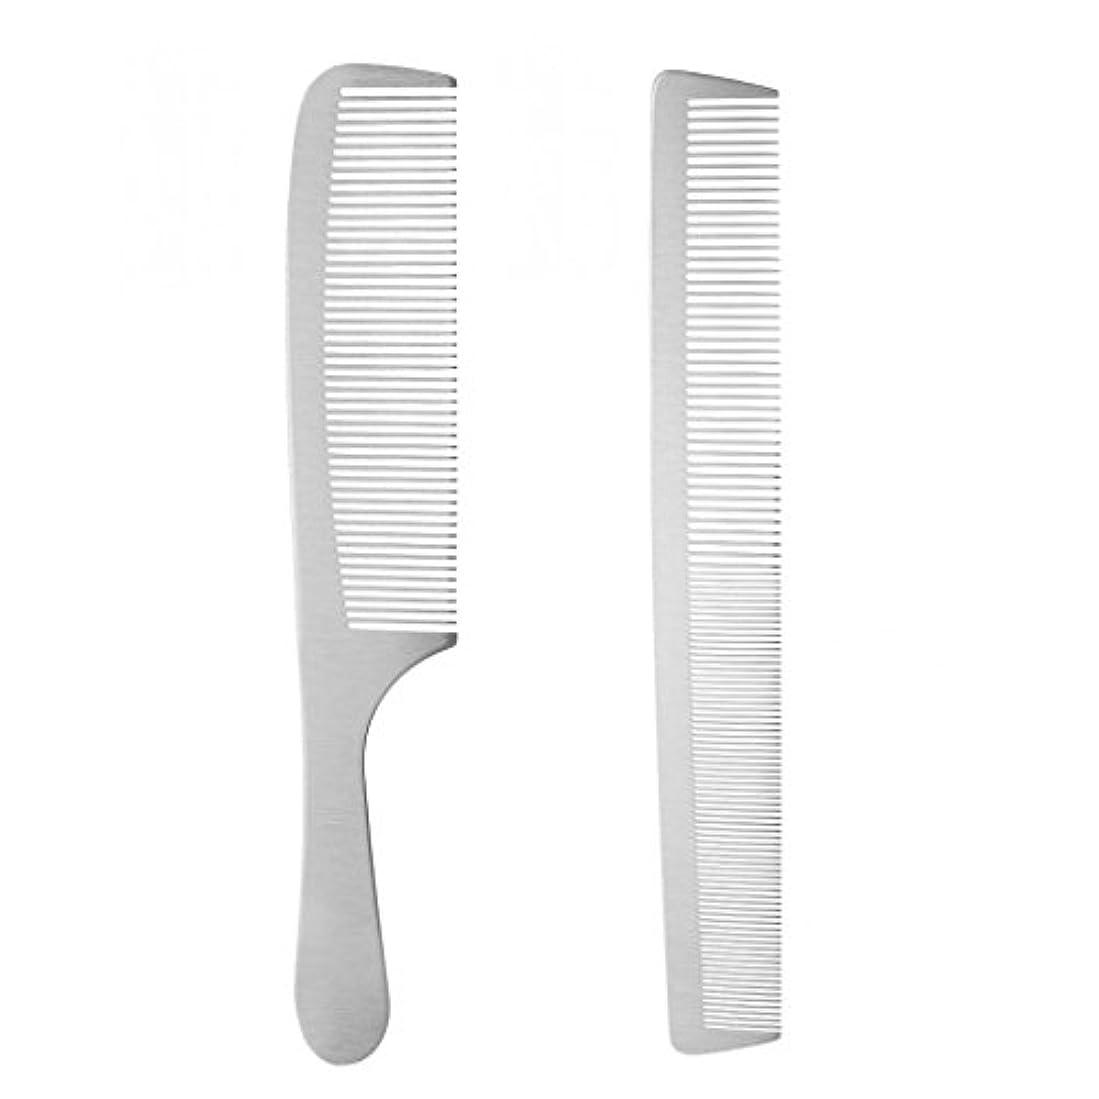 放送レンドトレッドToygogo 2xステンレス鋼の大広間の理髪師のヘアスタイリングの理髪師の切断の櫛のヘアブラシ